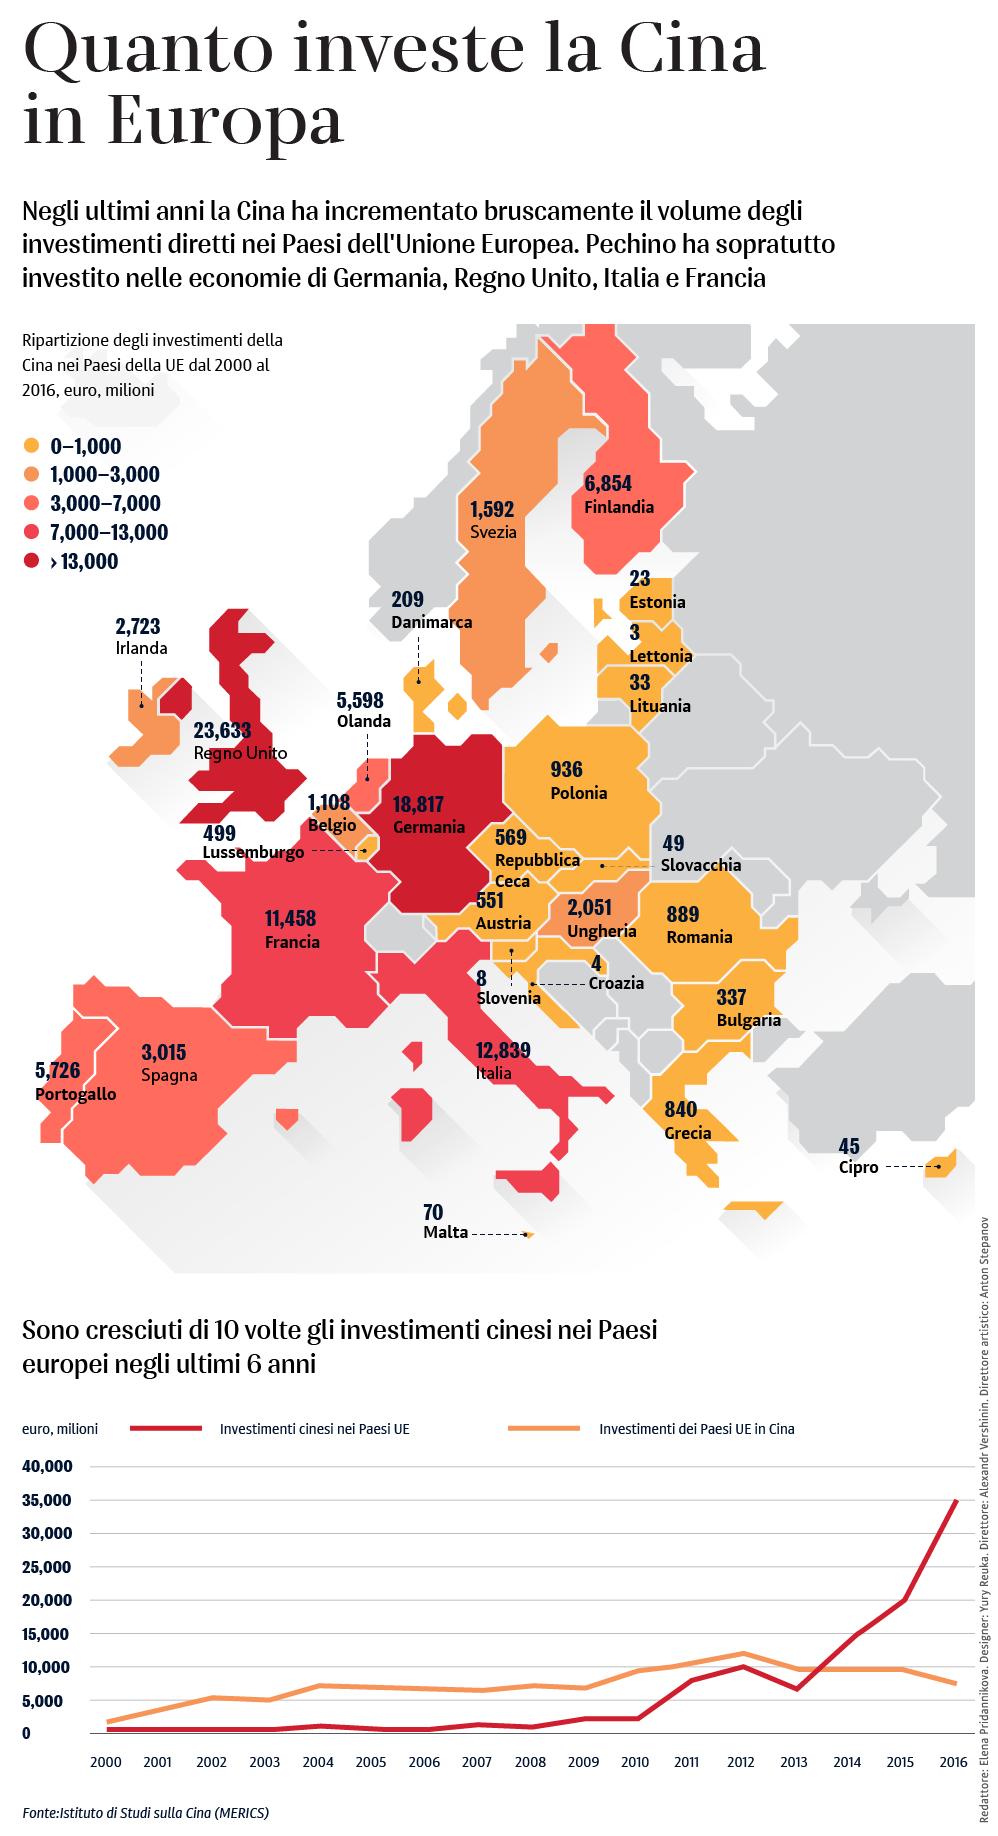 Quanto investe la Cina in Europa